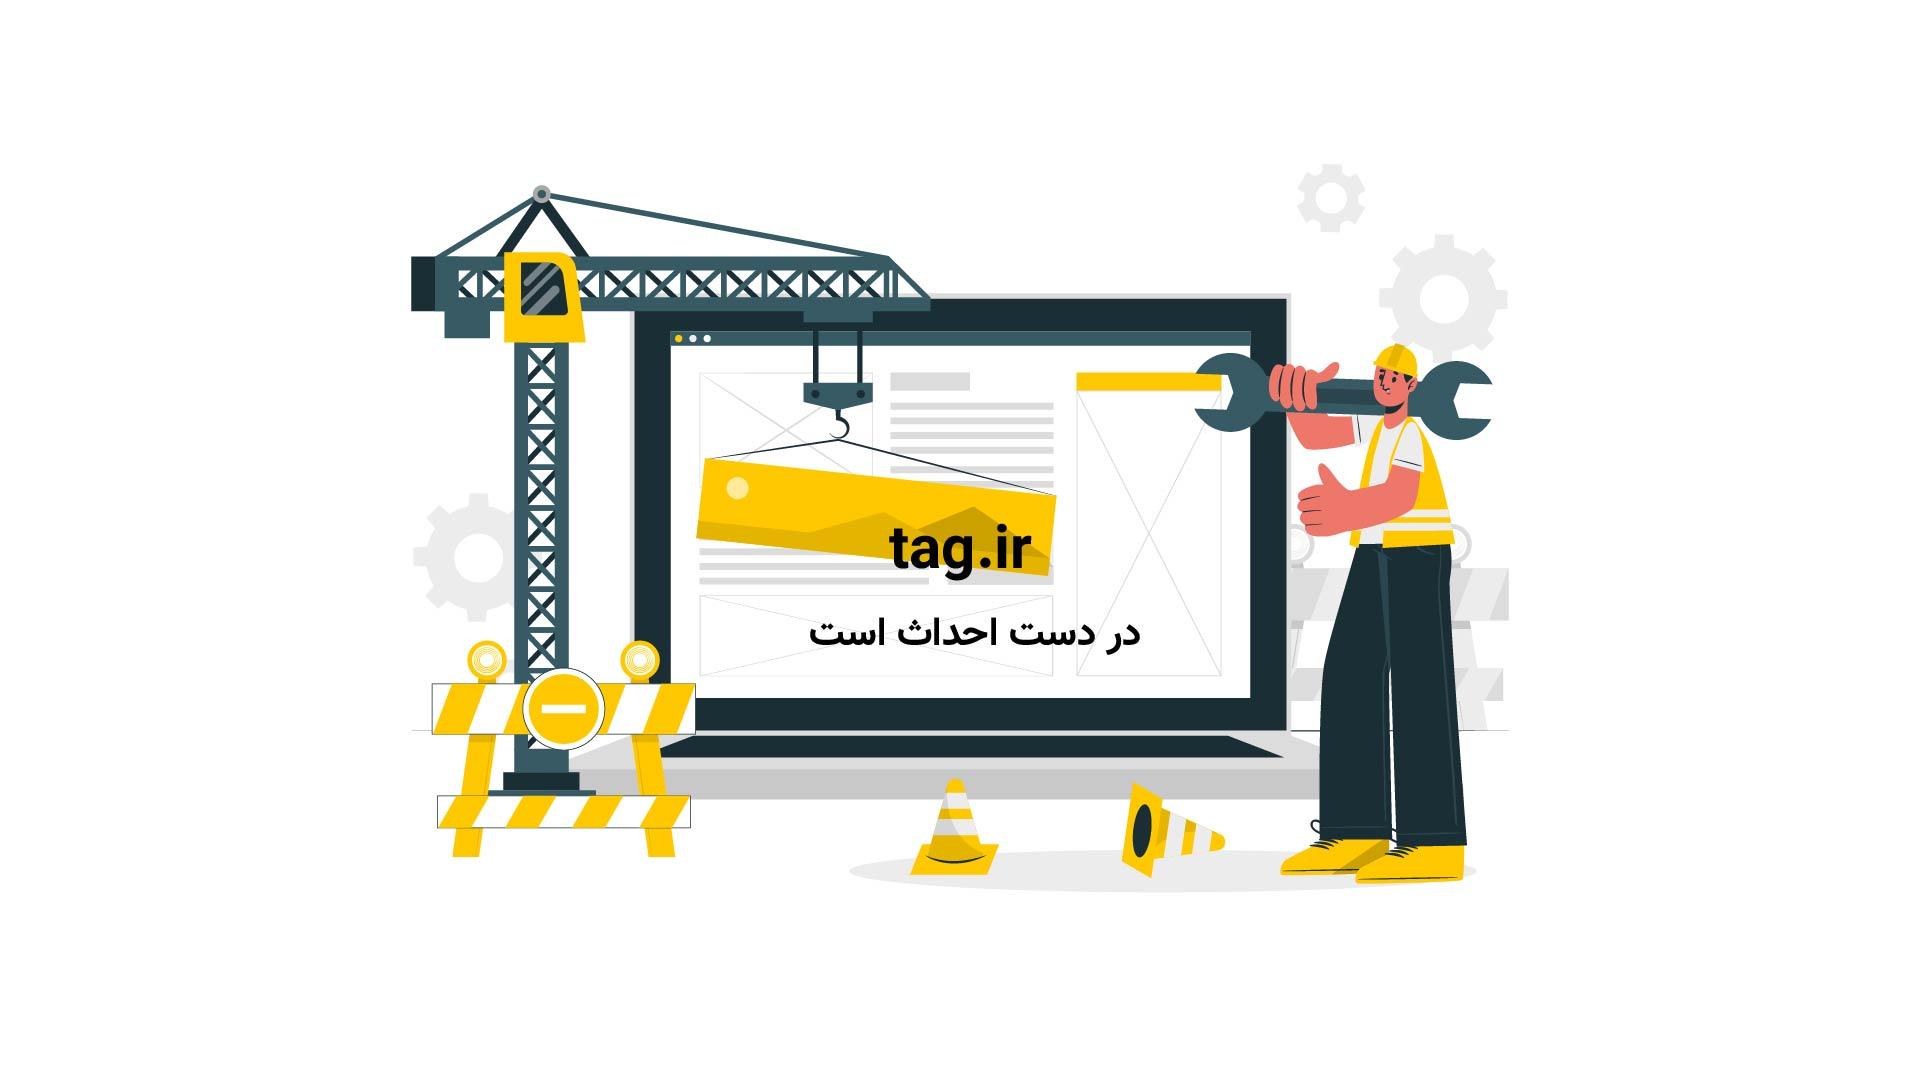 راهیابی تیم ملی آلمان به فینال جام کنفدراسیون ها 2017 | فیلم